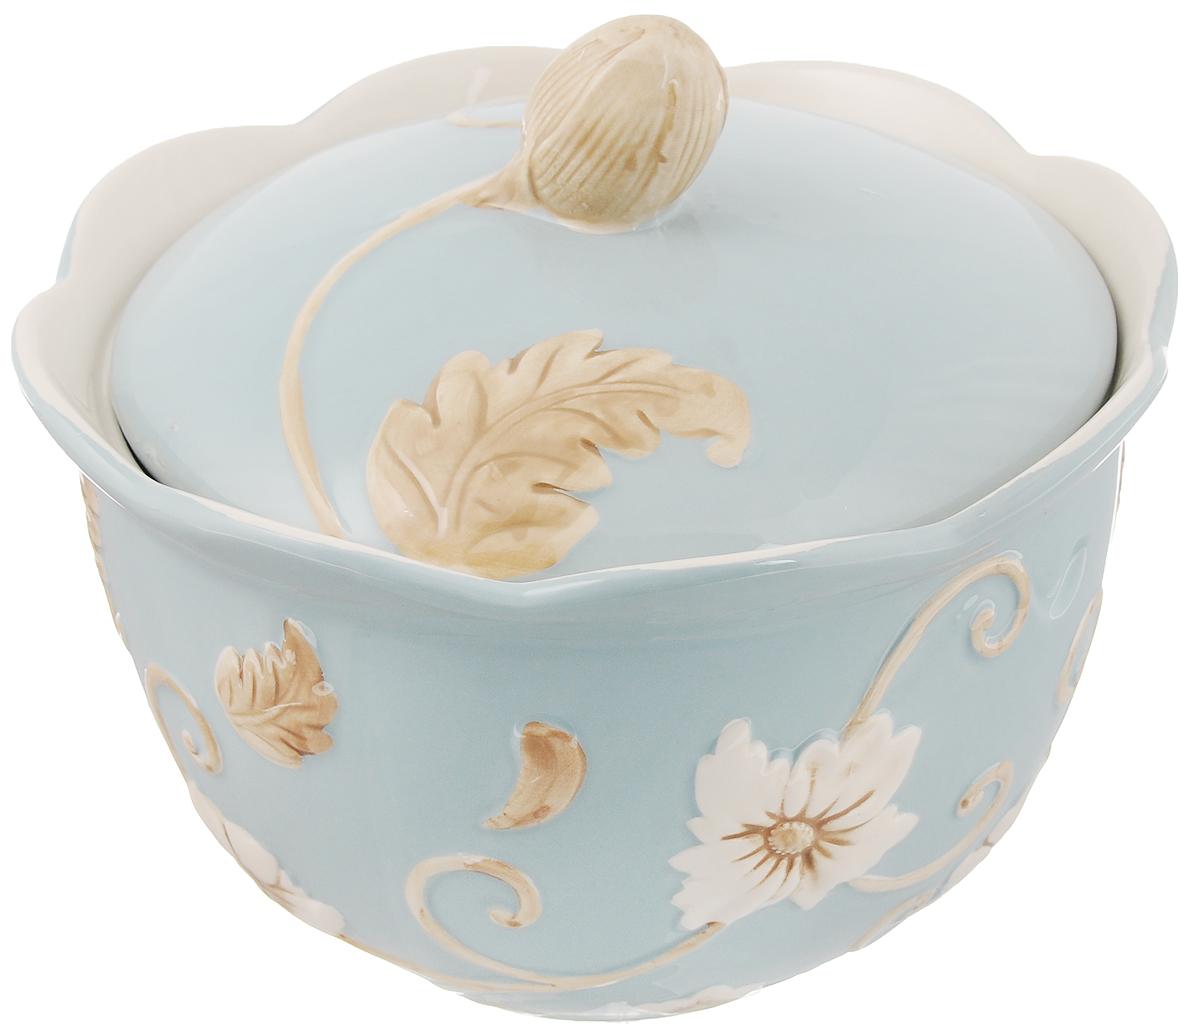 Супница Loraine Розы с крышкой, 2 л22452Супница Loraine Розы выполнена из доломита и оснащена плотно прилегающей крышкой. Супница оформлена красивым рельефным рисунком.Изделие предназначено для красивой подачи супа и сервировки стола. Яркий дизайн, несомненно, придется вам по вкусу.Посуду можно использовать в микроволновой печи и холодильнике. Можно мыть в посудомоечной машине.Диаметр супницы: 22 см.Высота стенок супницы: 13,5 см.Высота супницы (с учетом крышки): 19 см.Объем: 2 л.